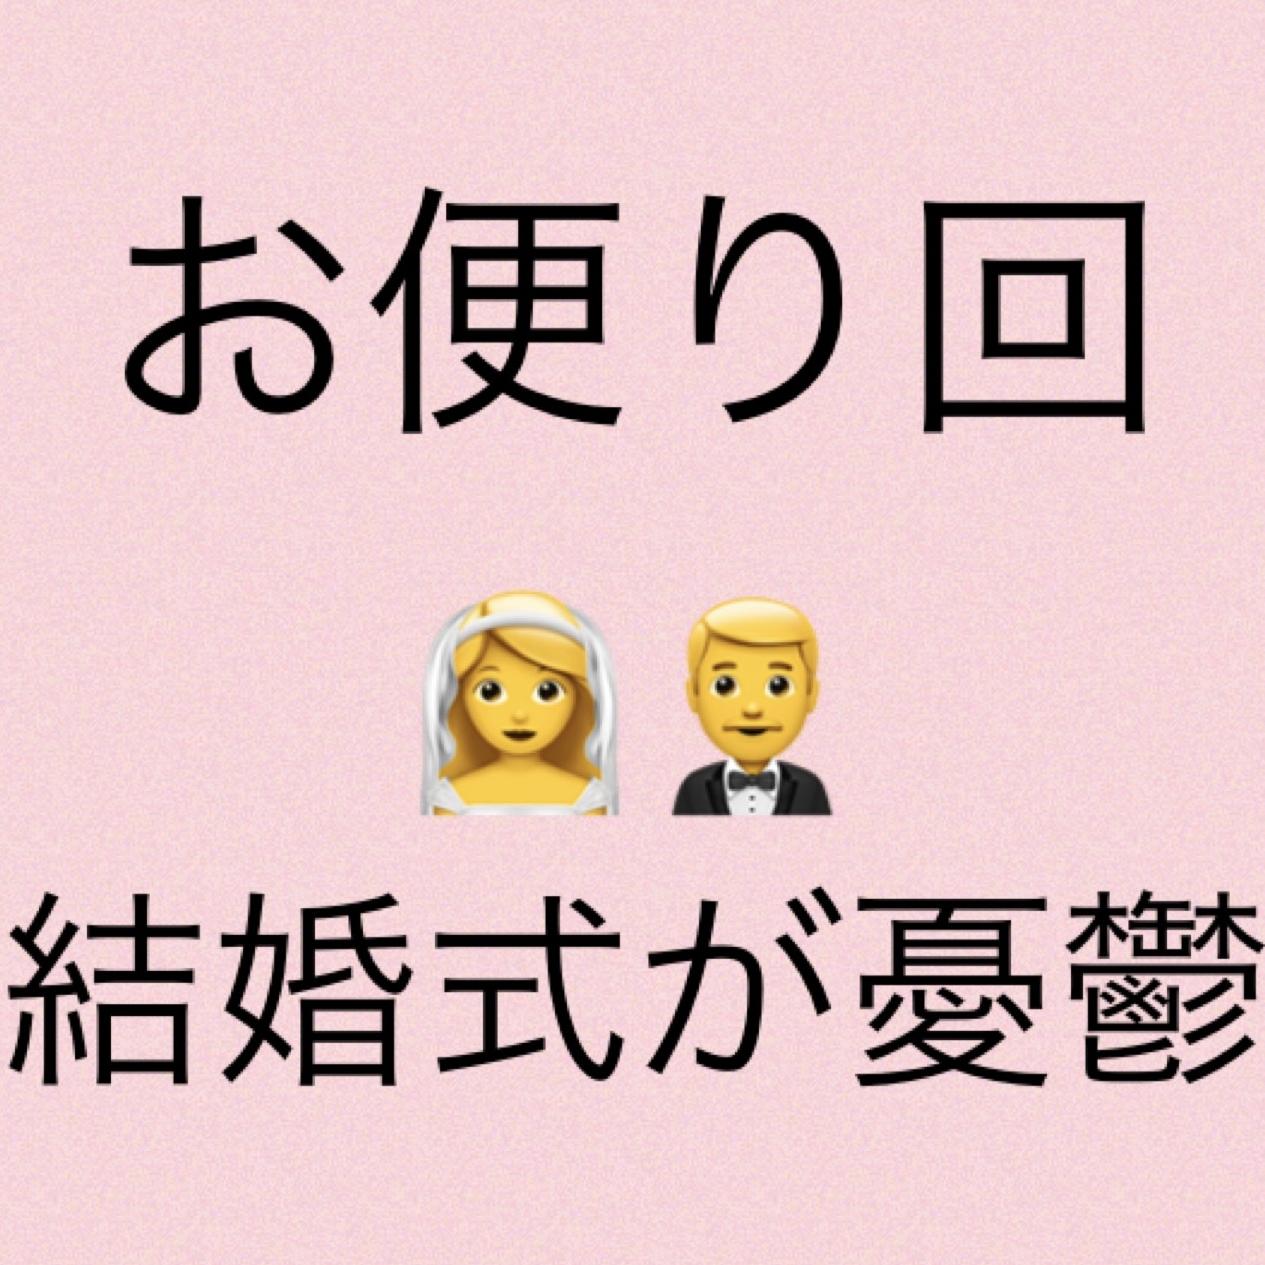 #32 ゲイと女と「結婚式が憂鬱」【お便り・最低な回答】